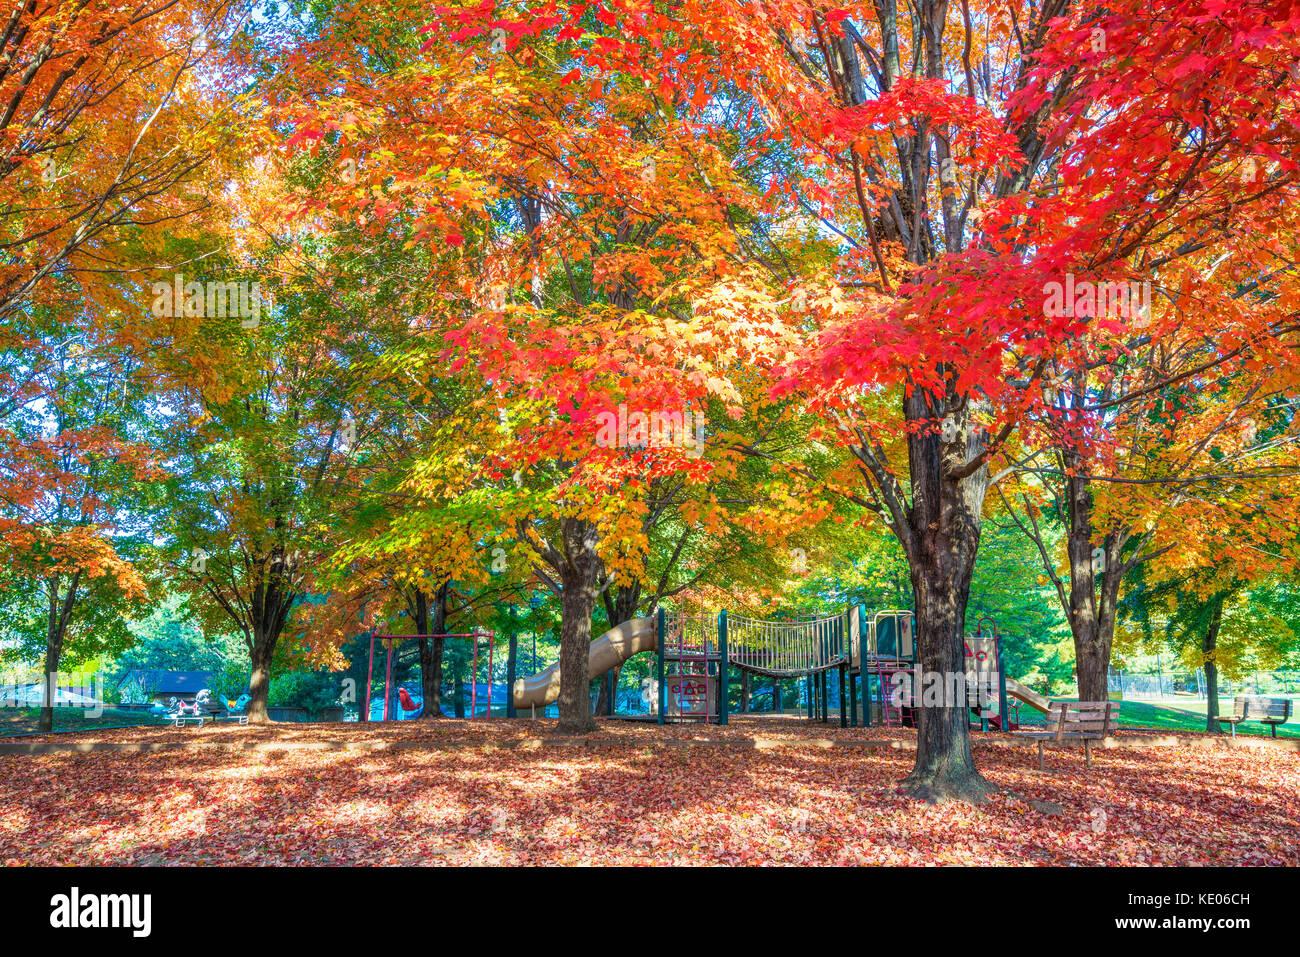 Alberi con colorati fogliame di autunno dare ombra in un quartiere parco giochi. Foto Stock